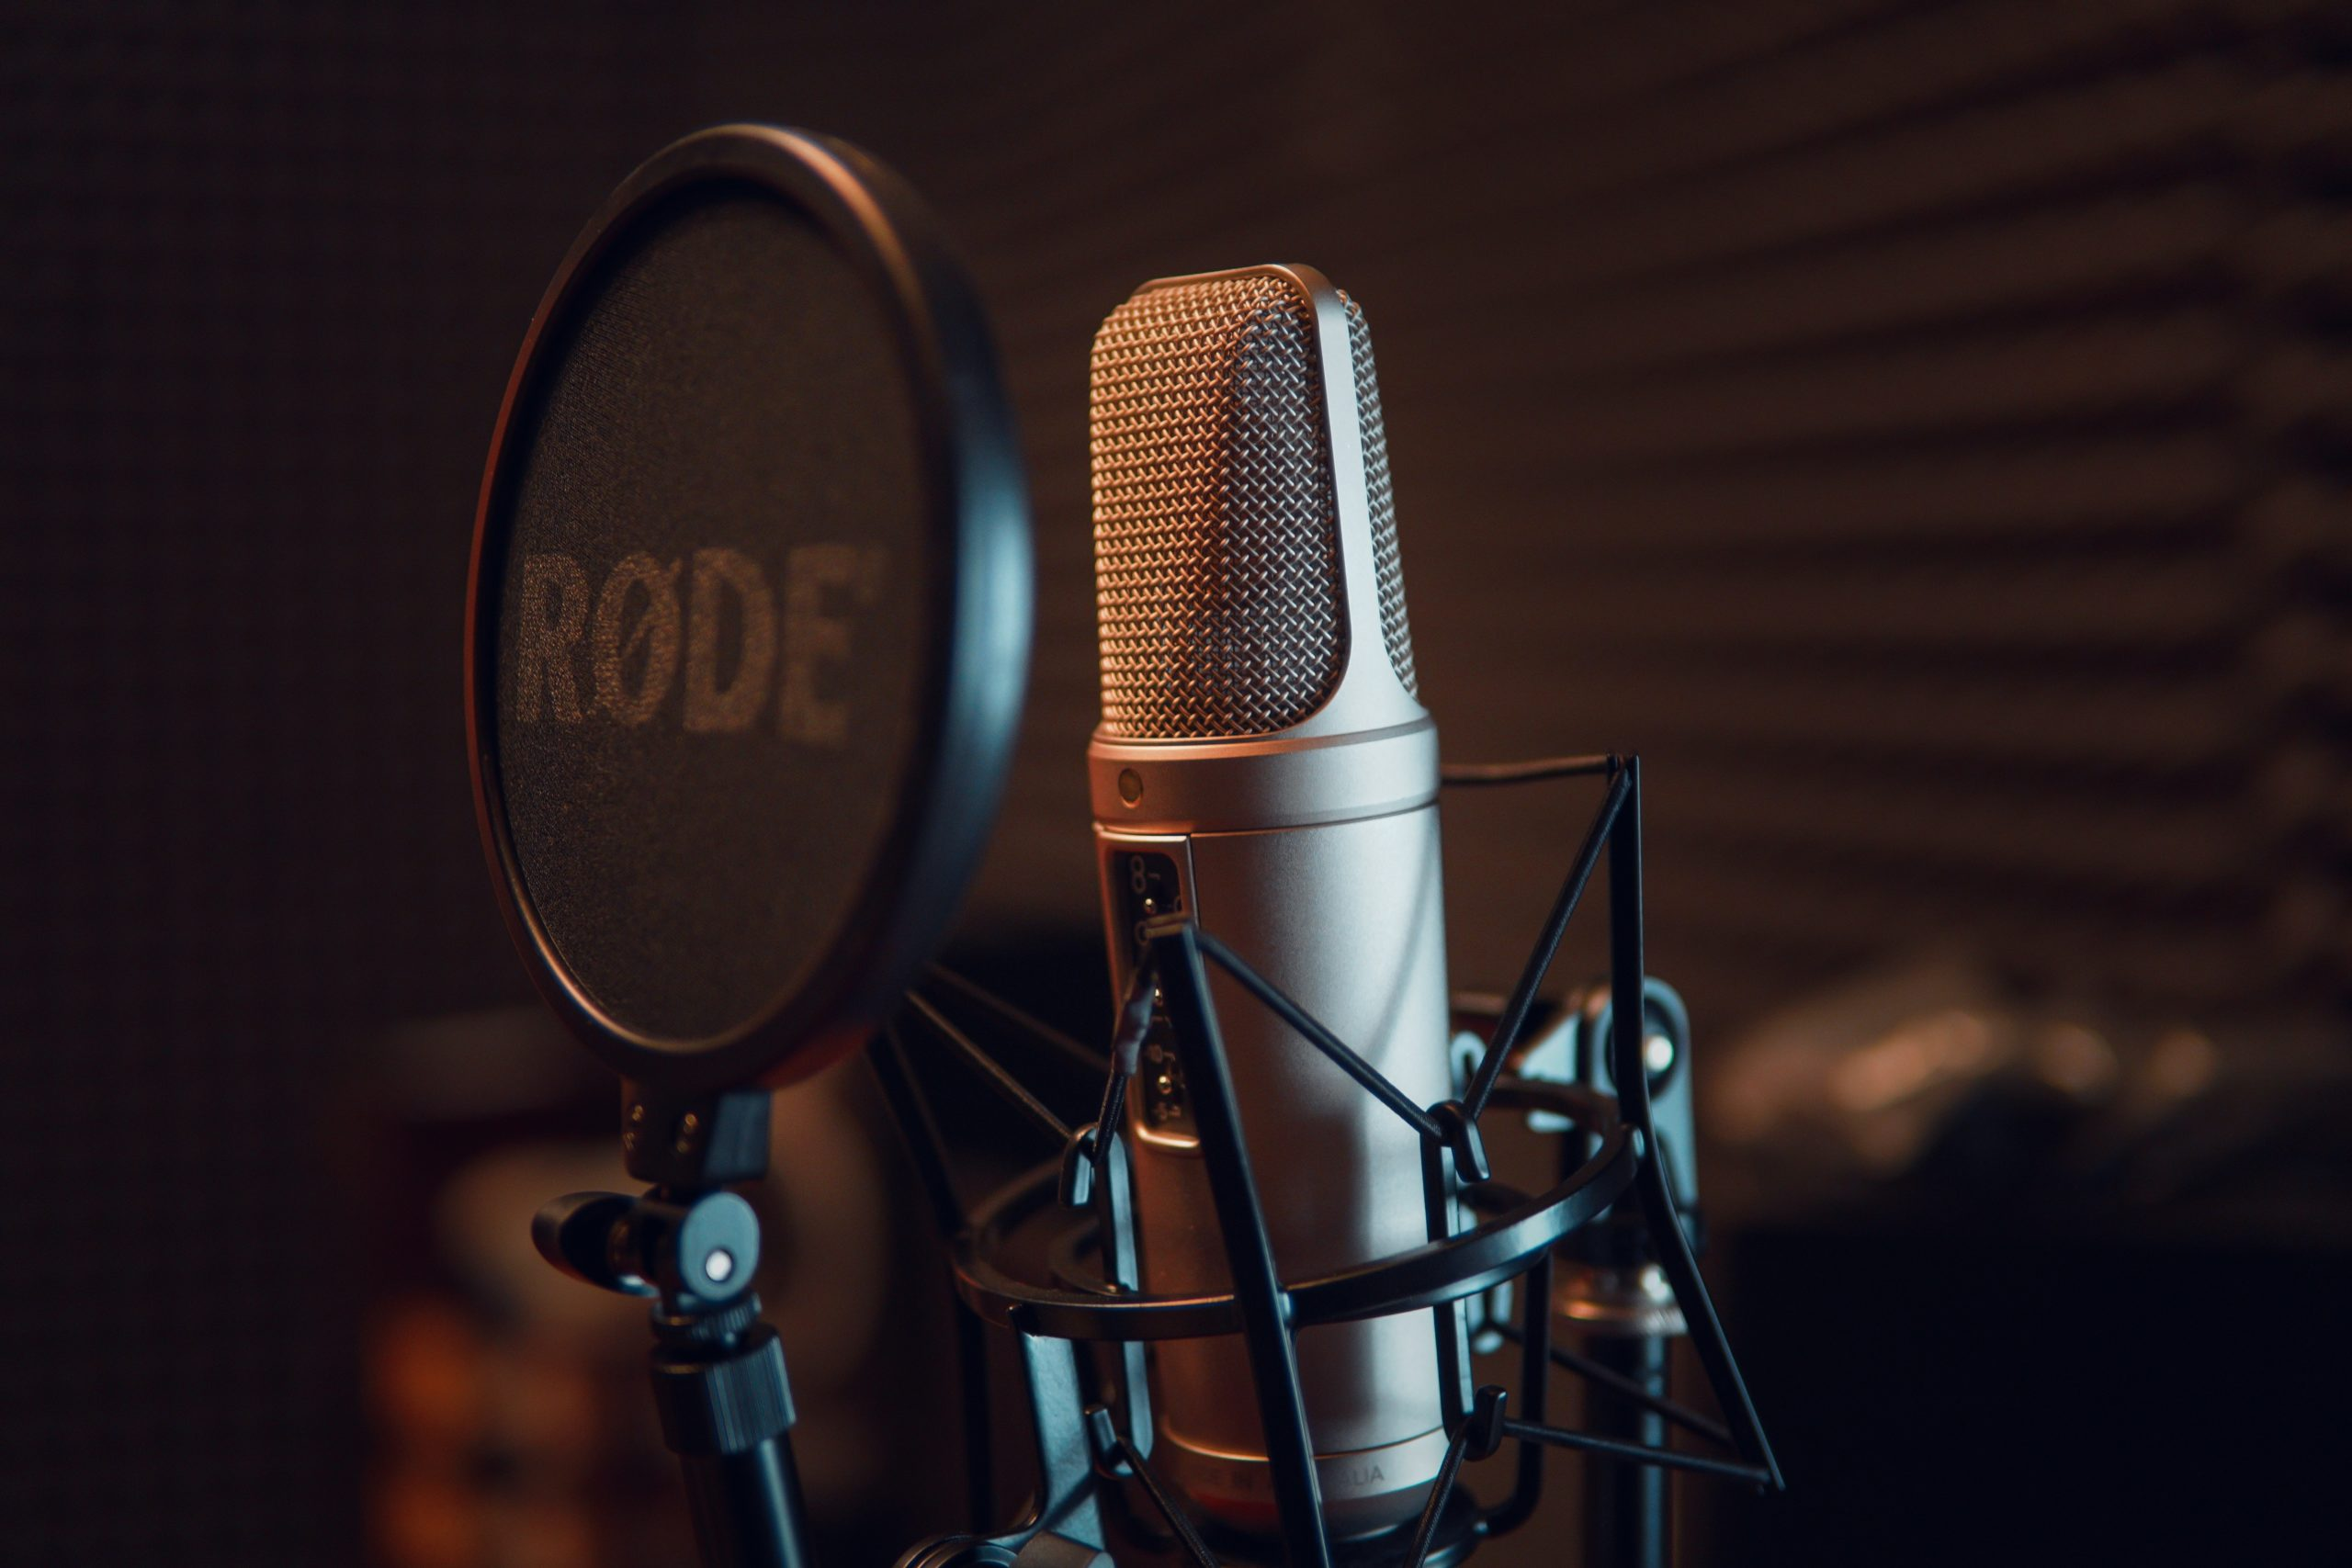 Närbild på en silvrig mikrofon med ett svart puffskydd.